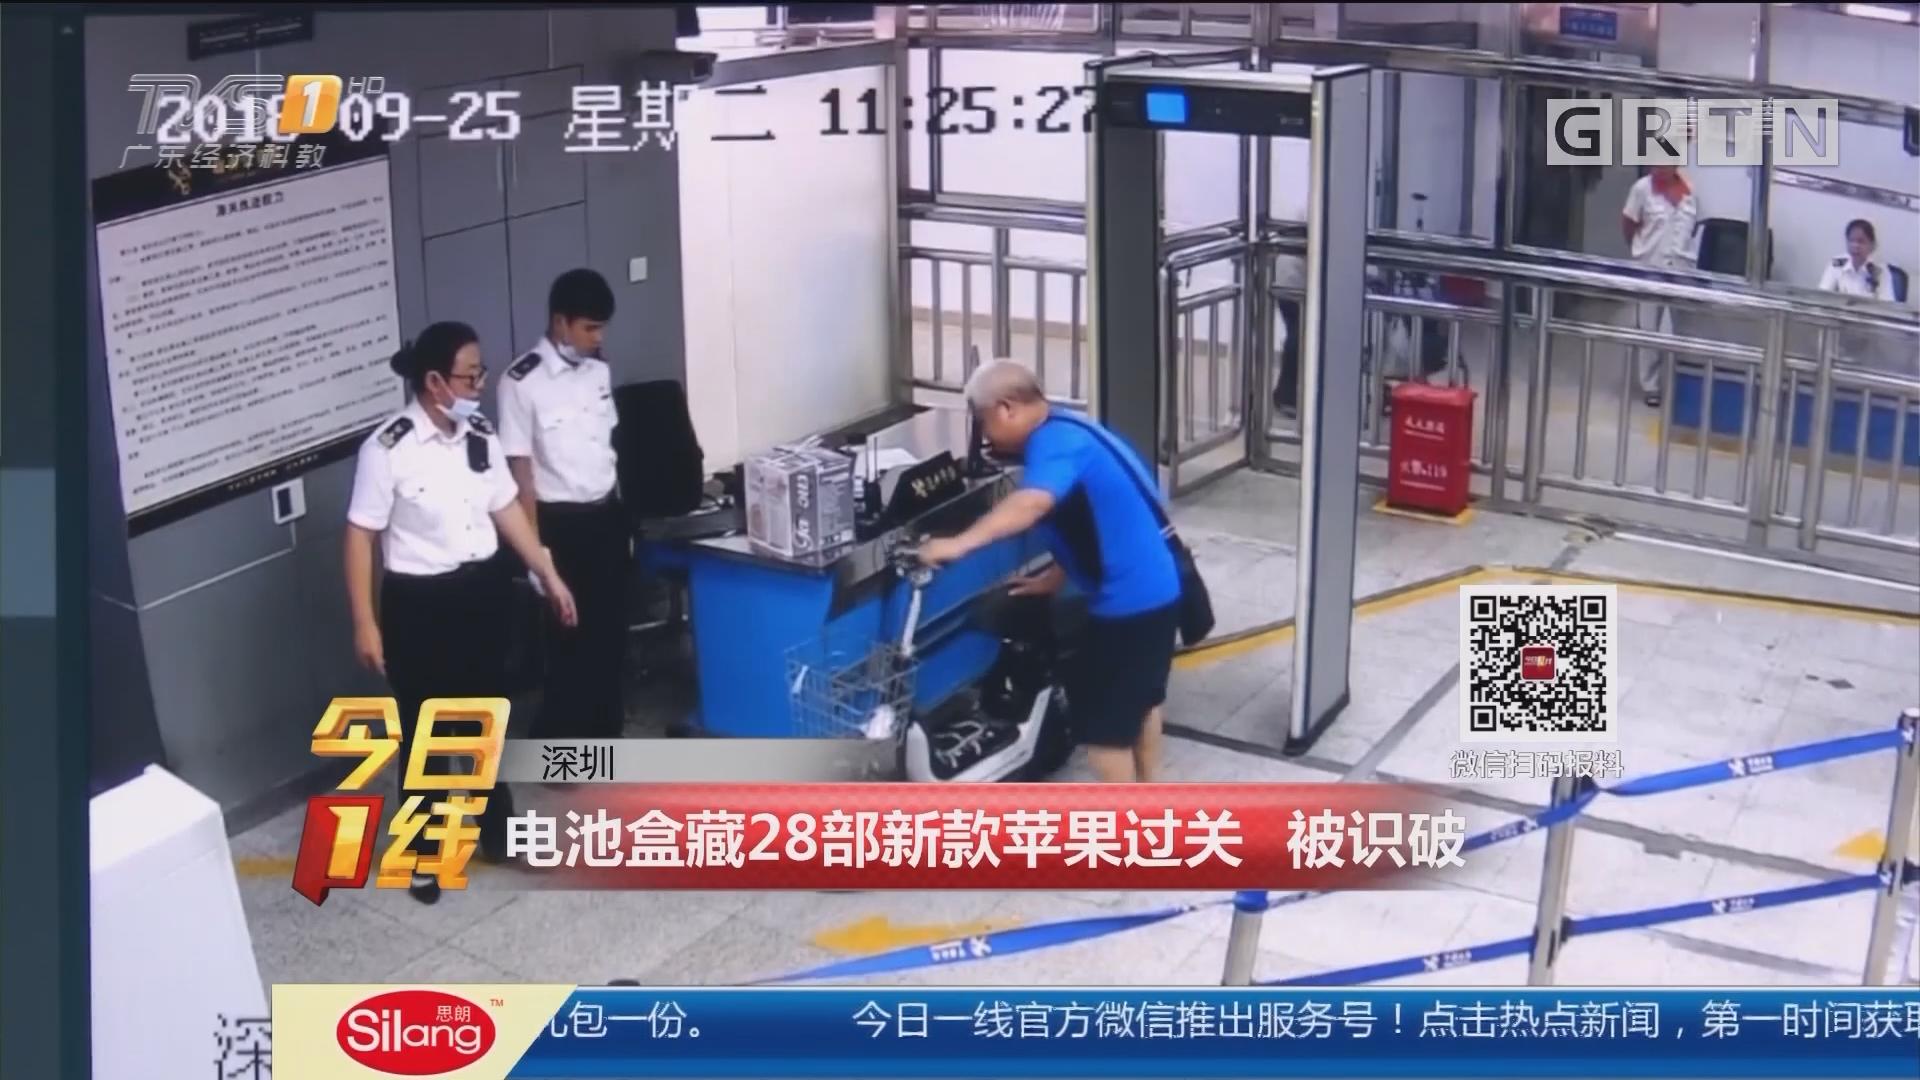 深圳:电池盒藏28部新款苹果过关 被识破